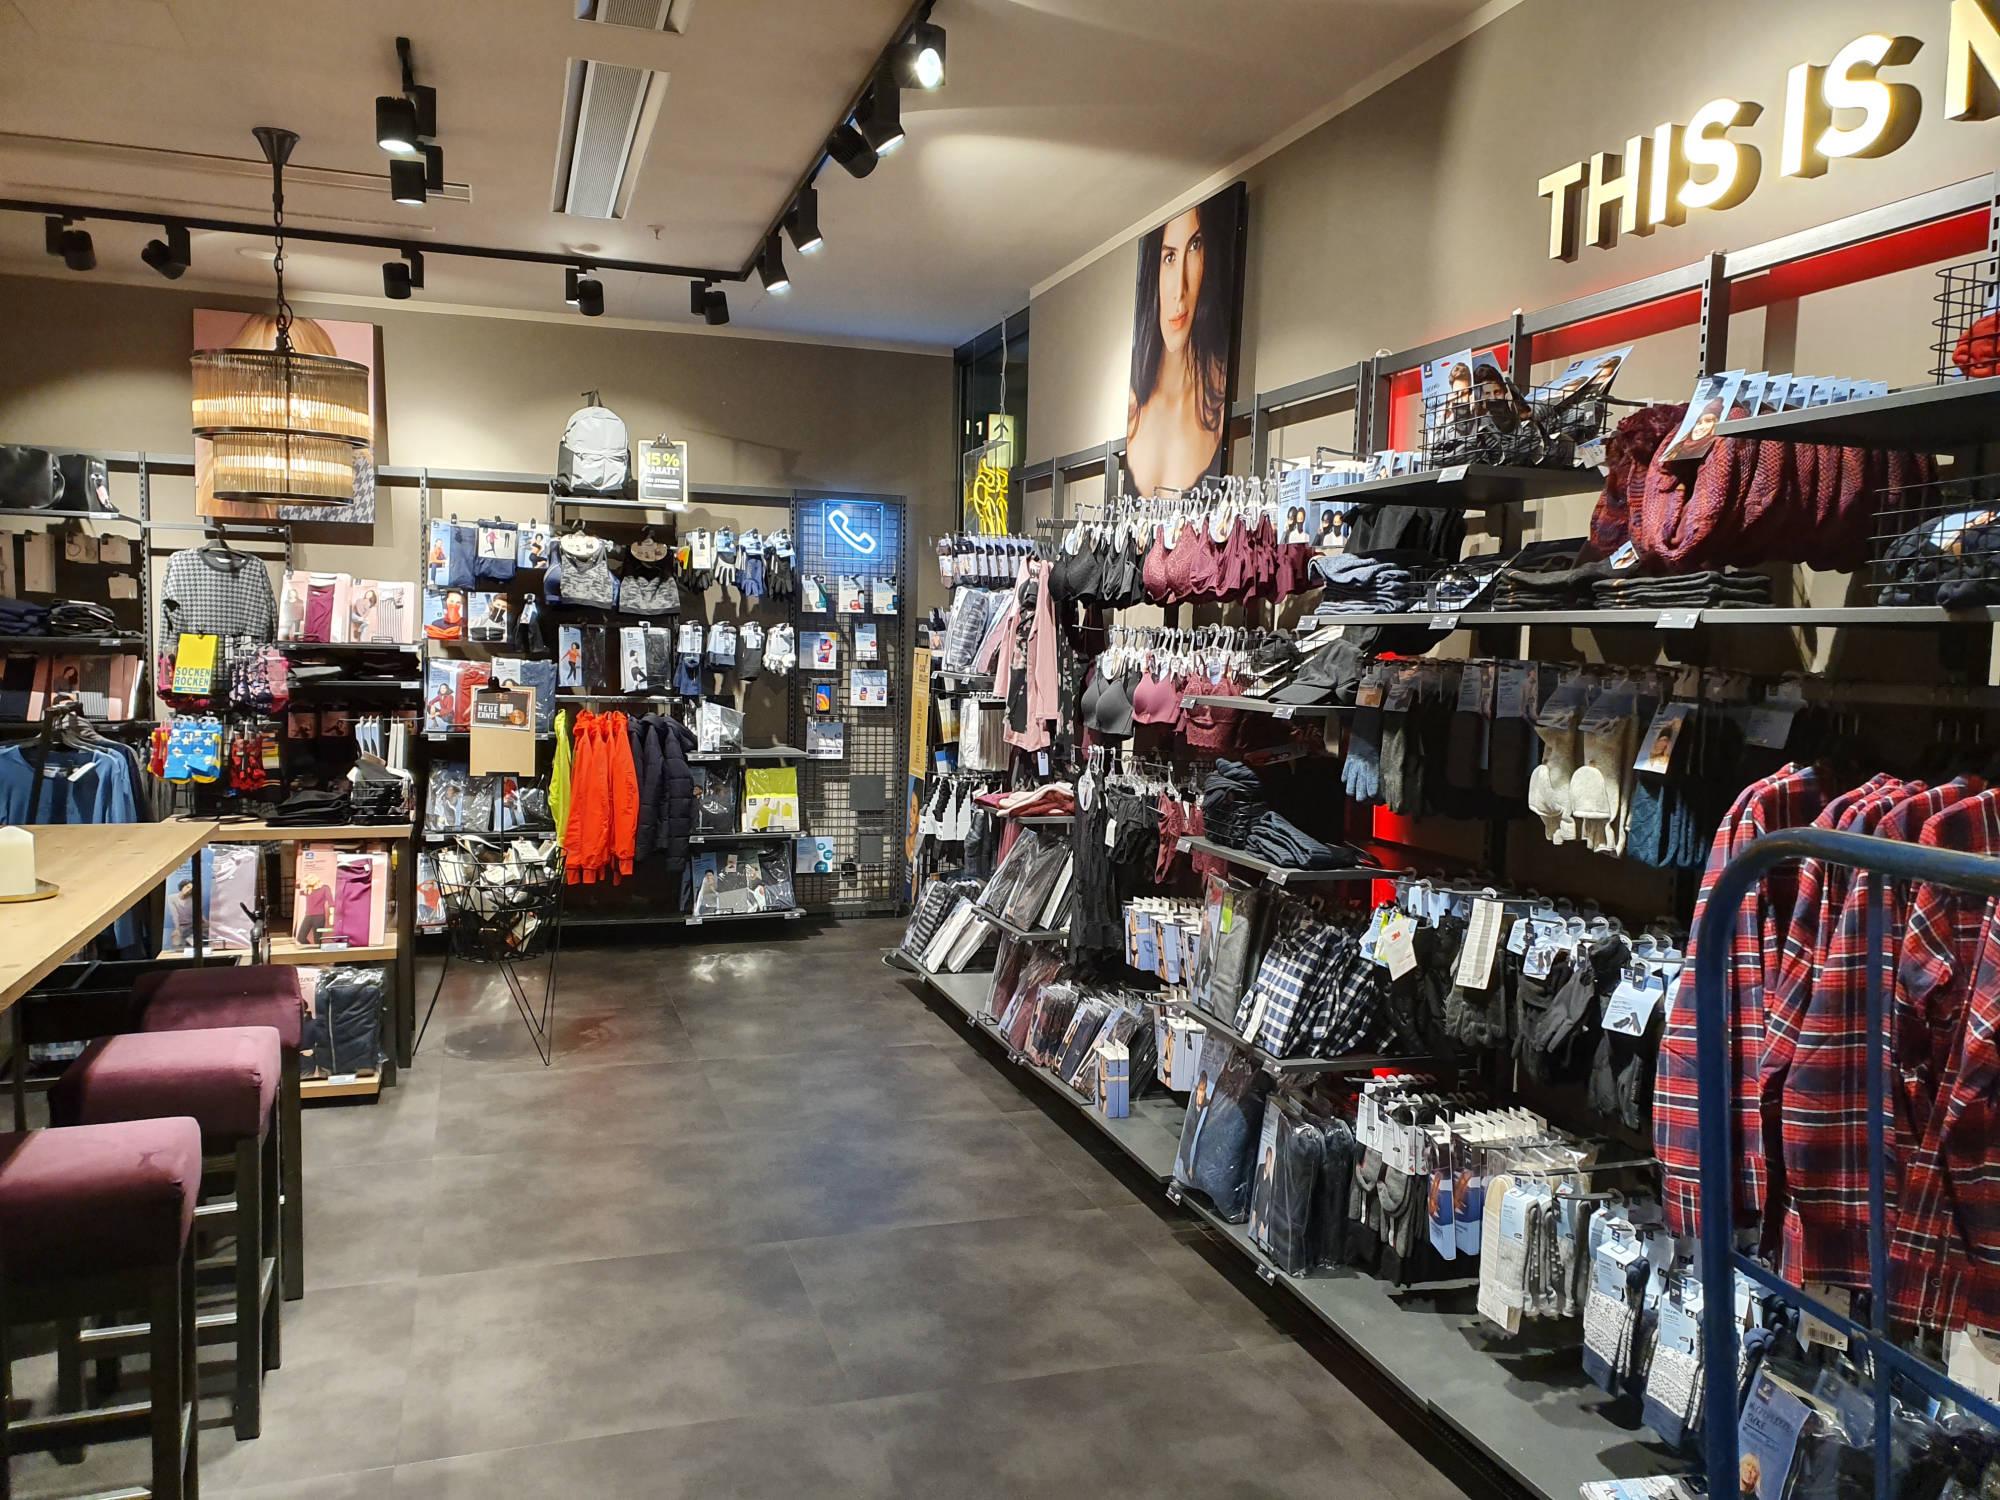 Referenz Ladenbau   Shopsystem   Tchibo   Köster Einrichtungen GmbH